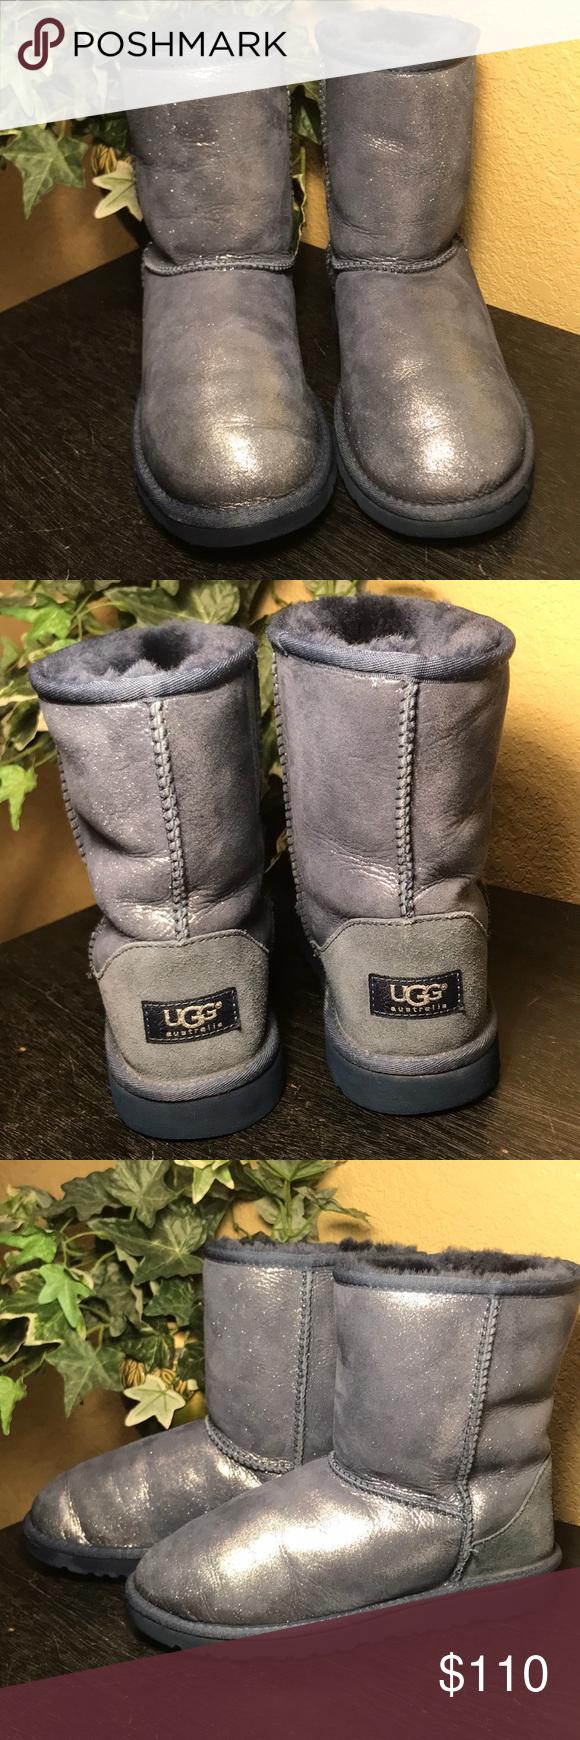 8a3392a90b7 UGG Blue Metallic Sparkle Classic Short Boots UGG Blue Metallic ...